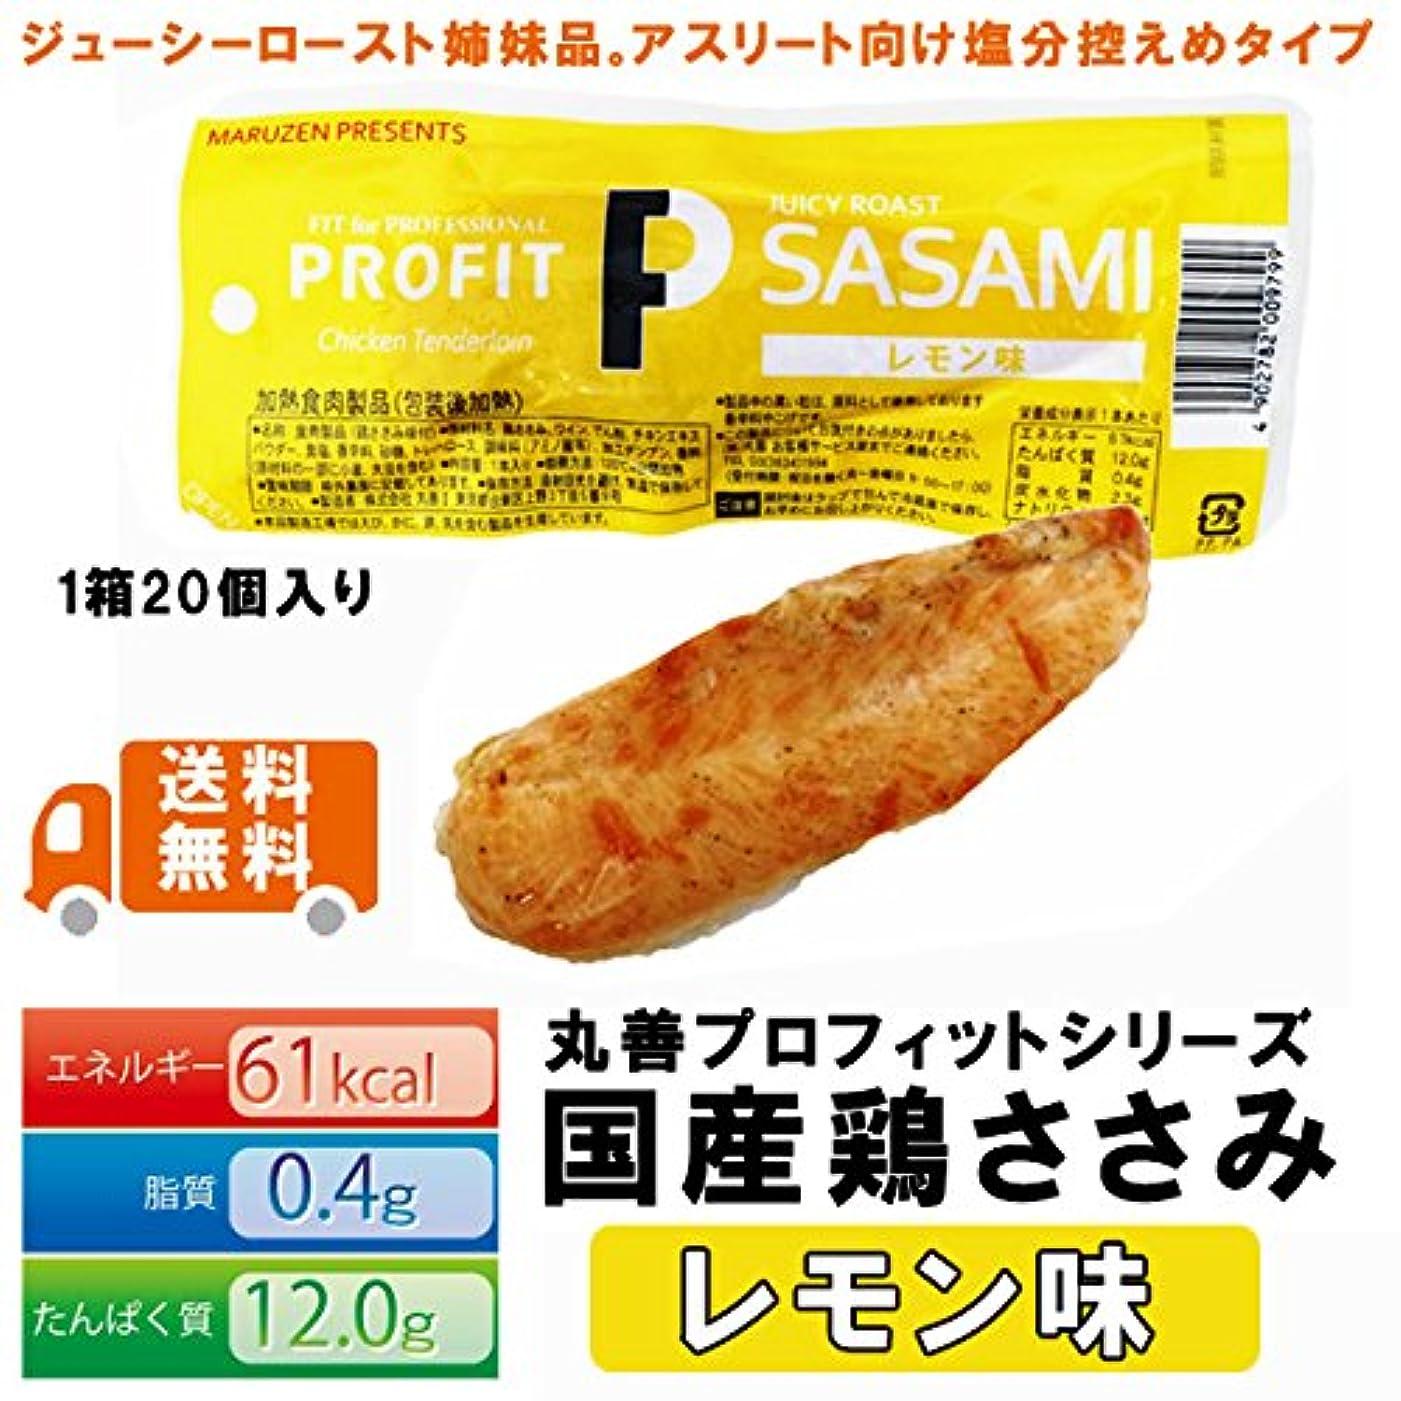 アーティスト審判労働者丸善 PRO-FIT プロフィットささみ 鶏ささみ レモン味 1箱20本入り